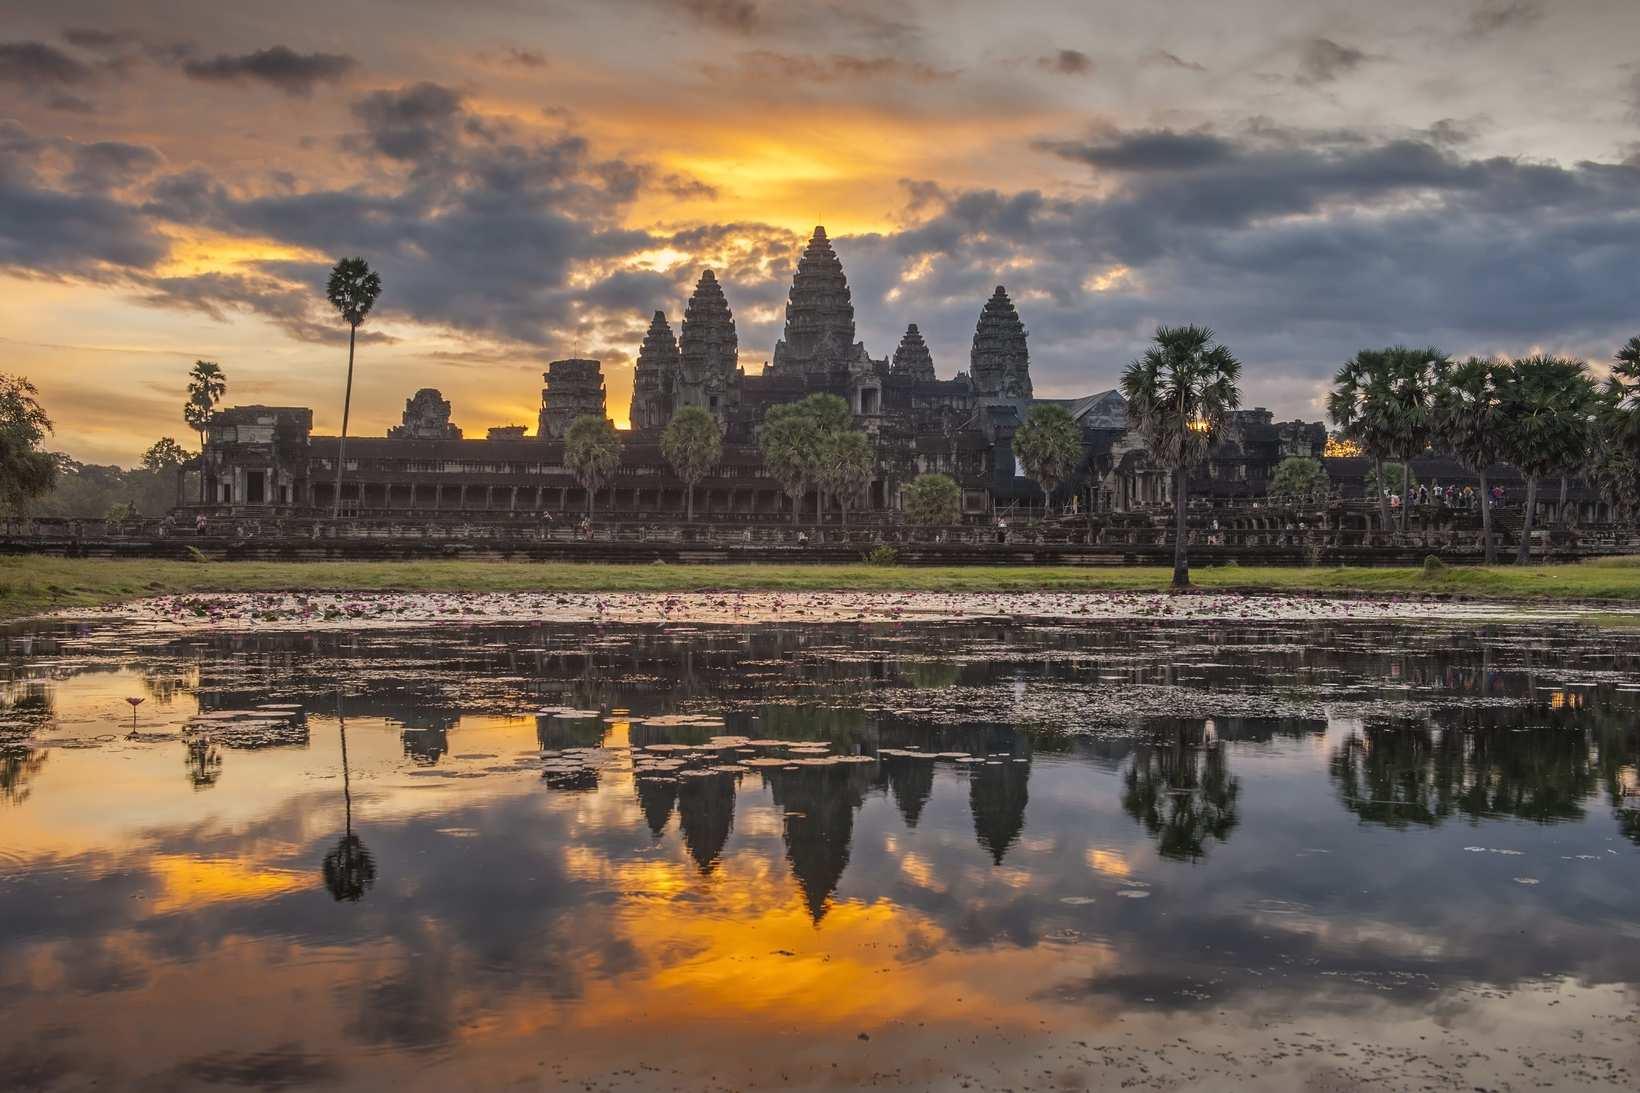 The Best Villas to Reside in Siem Reap